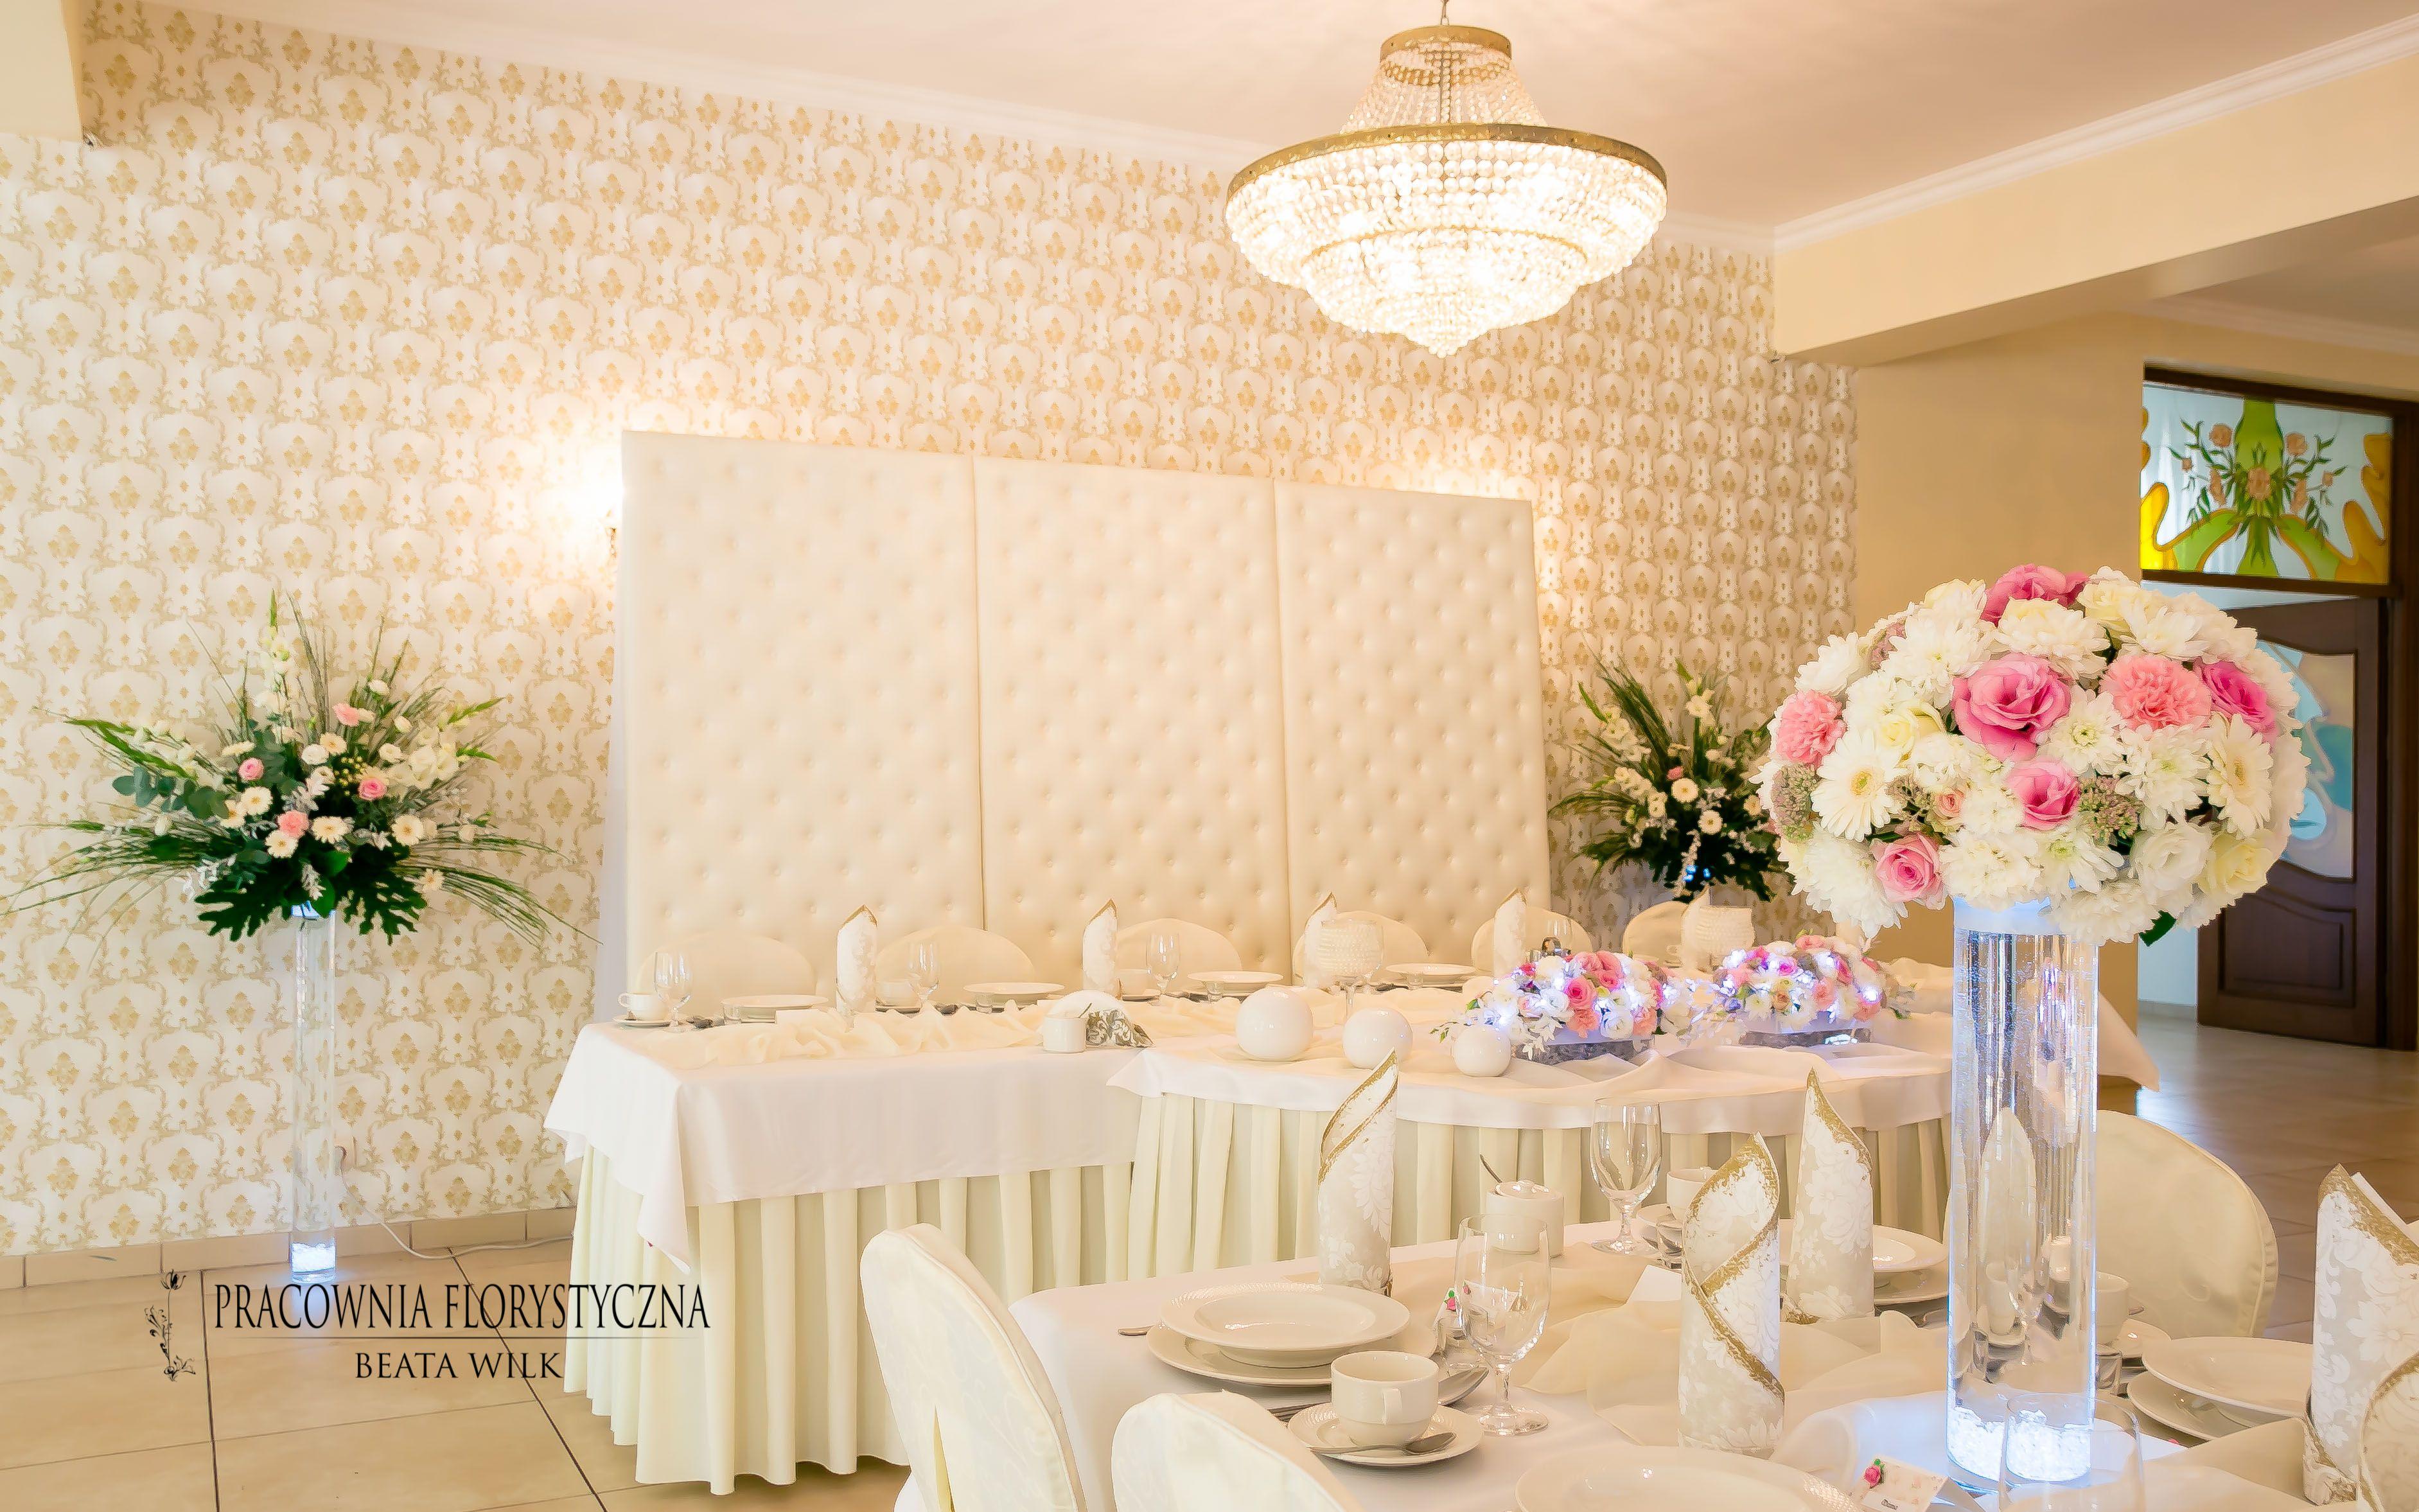 Dekoracja Sali Weselnej Szklane Tuby Podswietlane Pikowany Parawan Table Decorations Decor Furniture